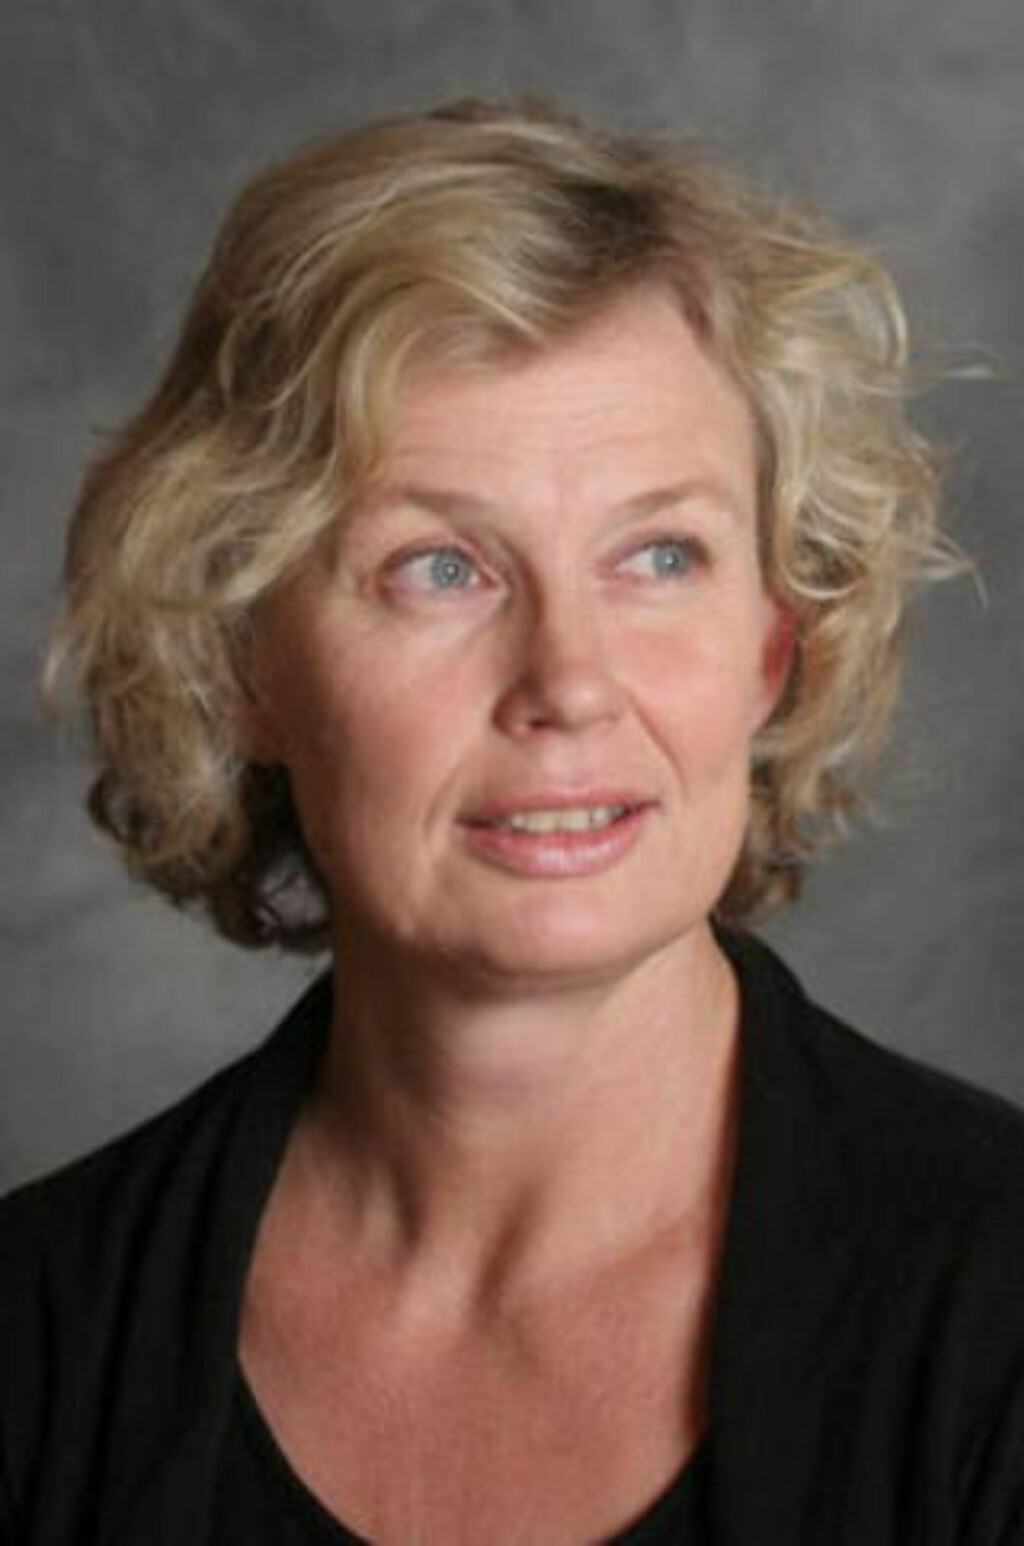 SKJØNNER REAKSJONENE: Høgskolelektor Nina Rossholt forstår hvorfor Hanne Wetland og andre småbarnsforeldre provoseres av bøkene. Foto: Pressebilde